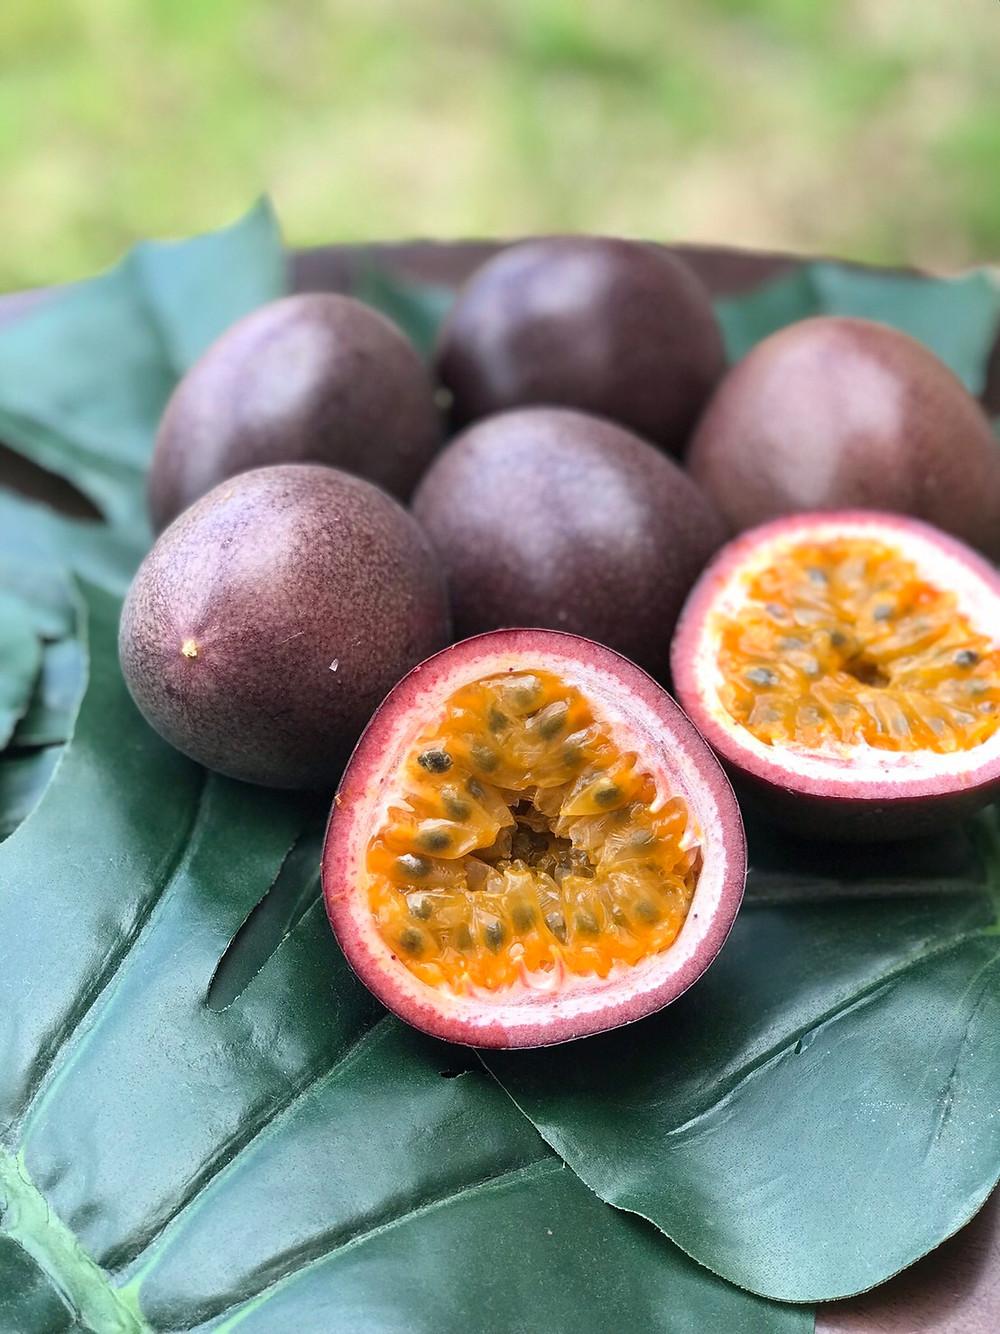 沖縄でも大変珍しい無農薬・無化学肥料で栽培されたパッションフルーツ。 生産者の山城さんが7年もの年月をかけて研究し栽培しました。 中身の粒の詰まり具合、大きさやツヤも良好です。 是非この機会にご検討下さいませ。 もちろん沖縄野菜と混載して発送も可能です。